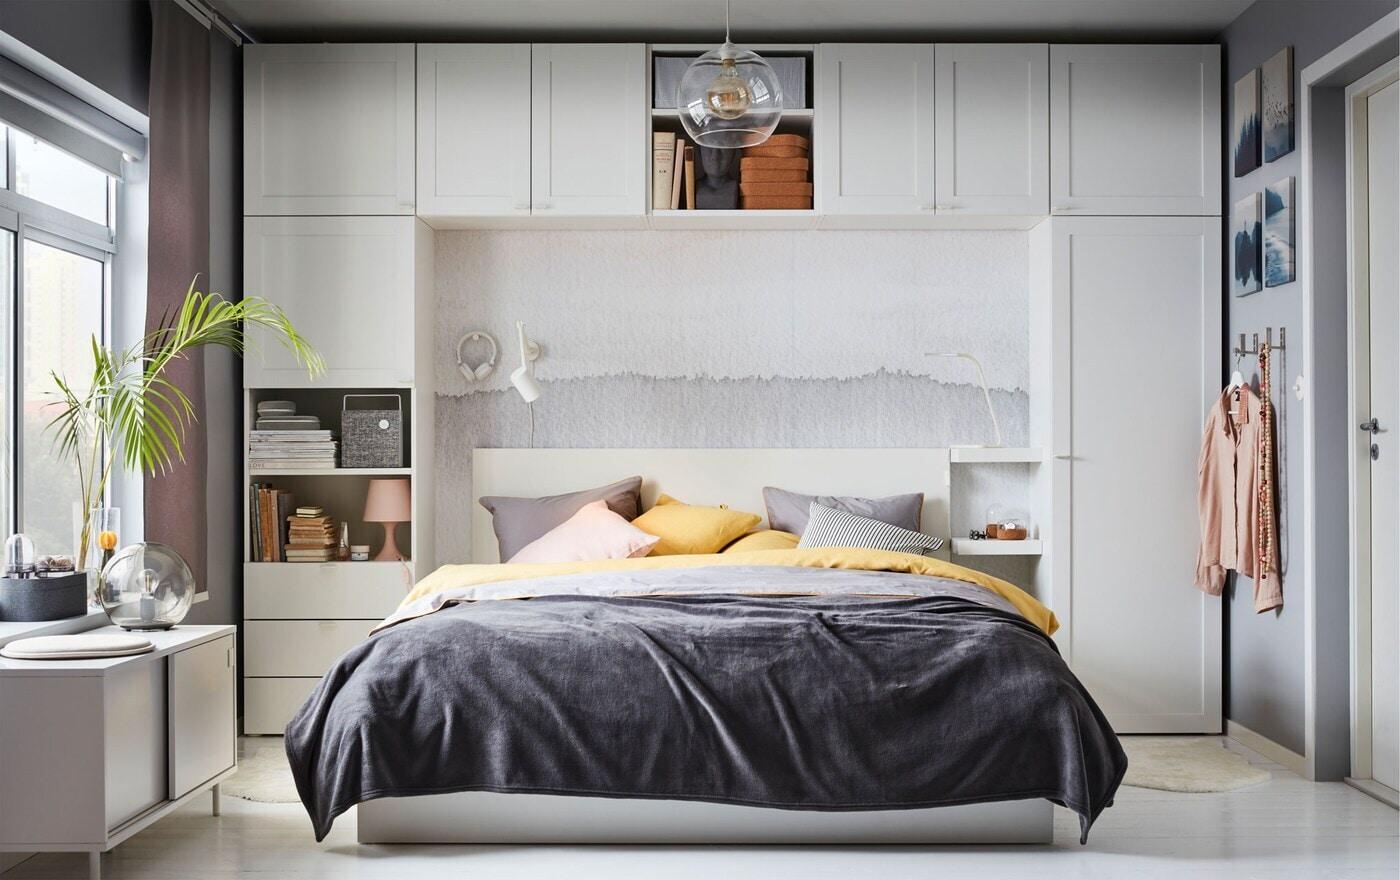 Schlafzimmer Leuchte Ikea - Caseconrad.com